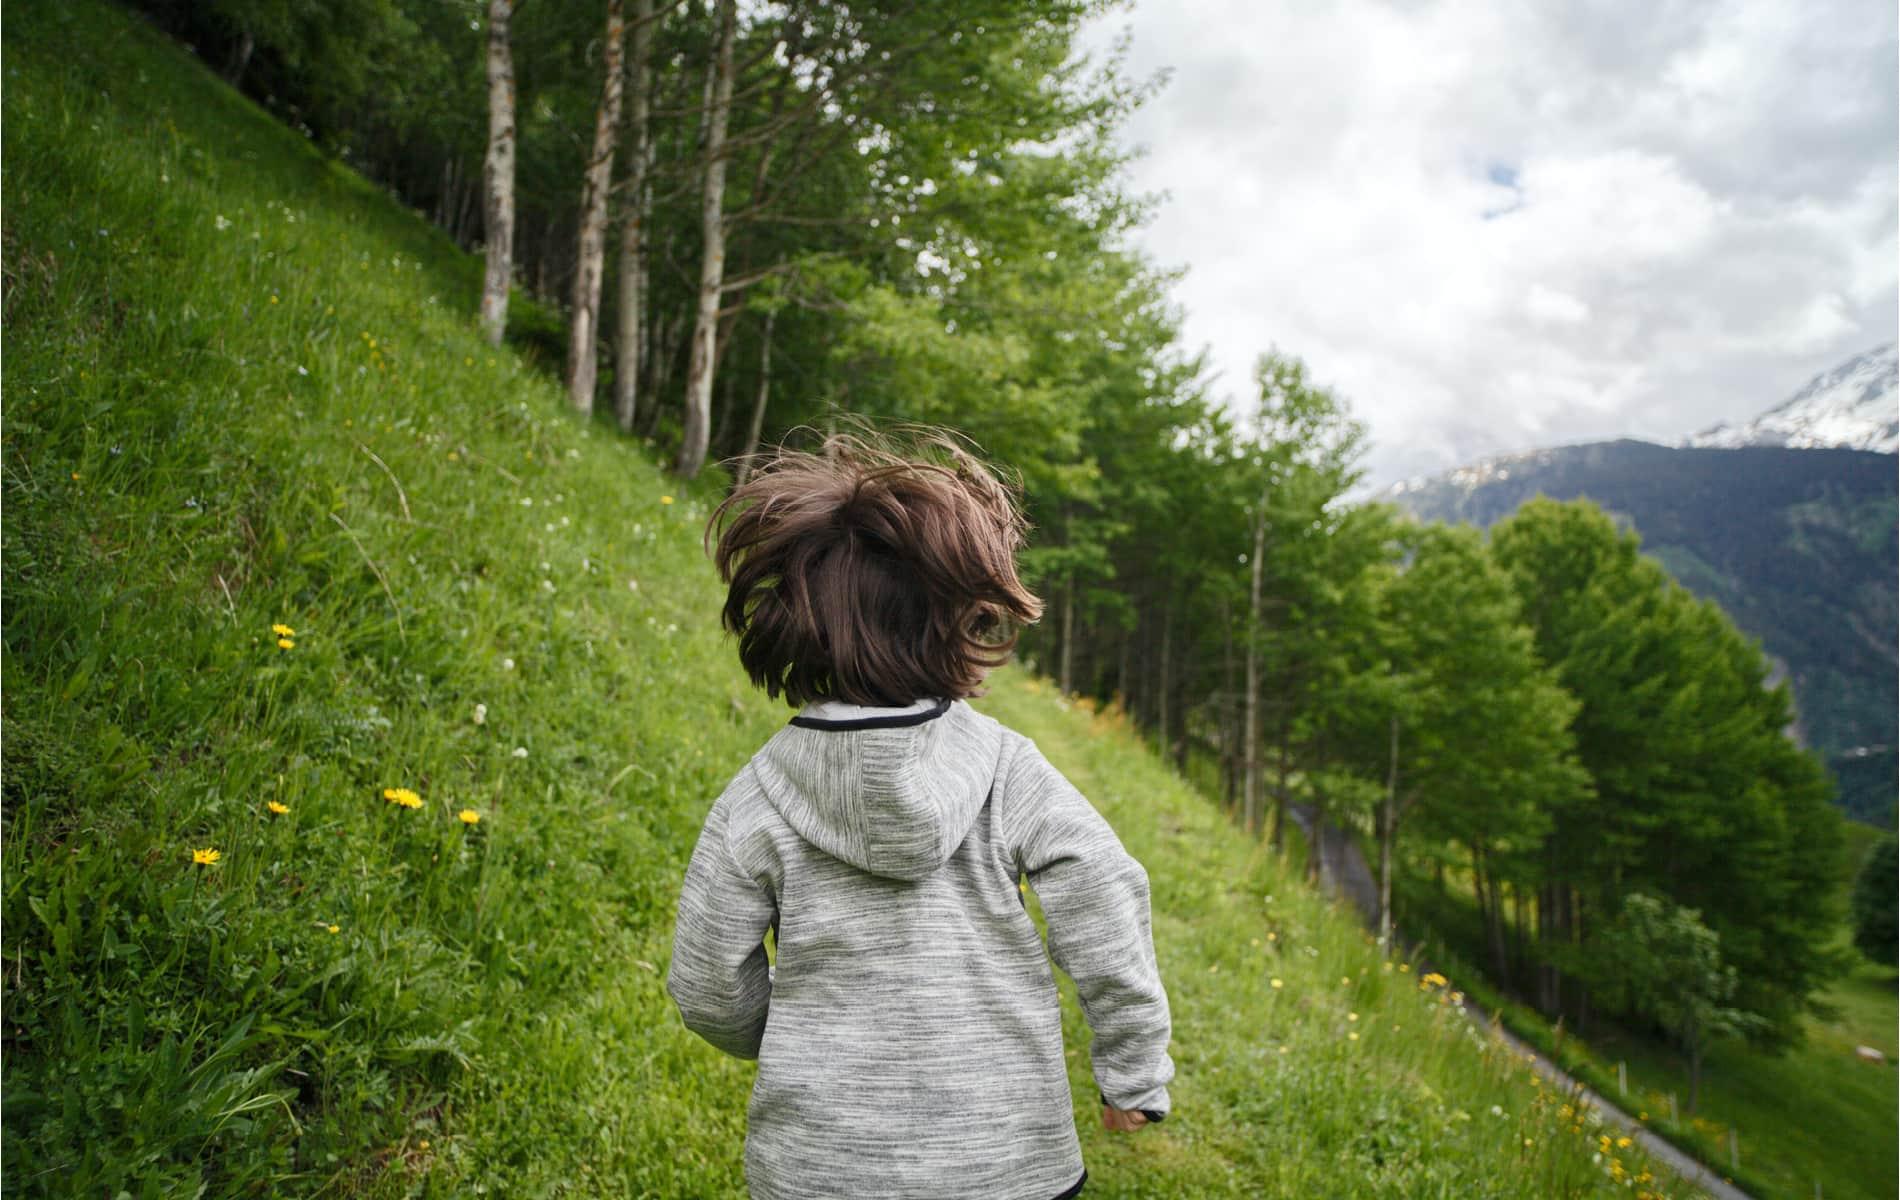 Kind rennt in den Wald - Biohacking Bad Dürrheim